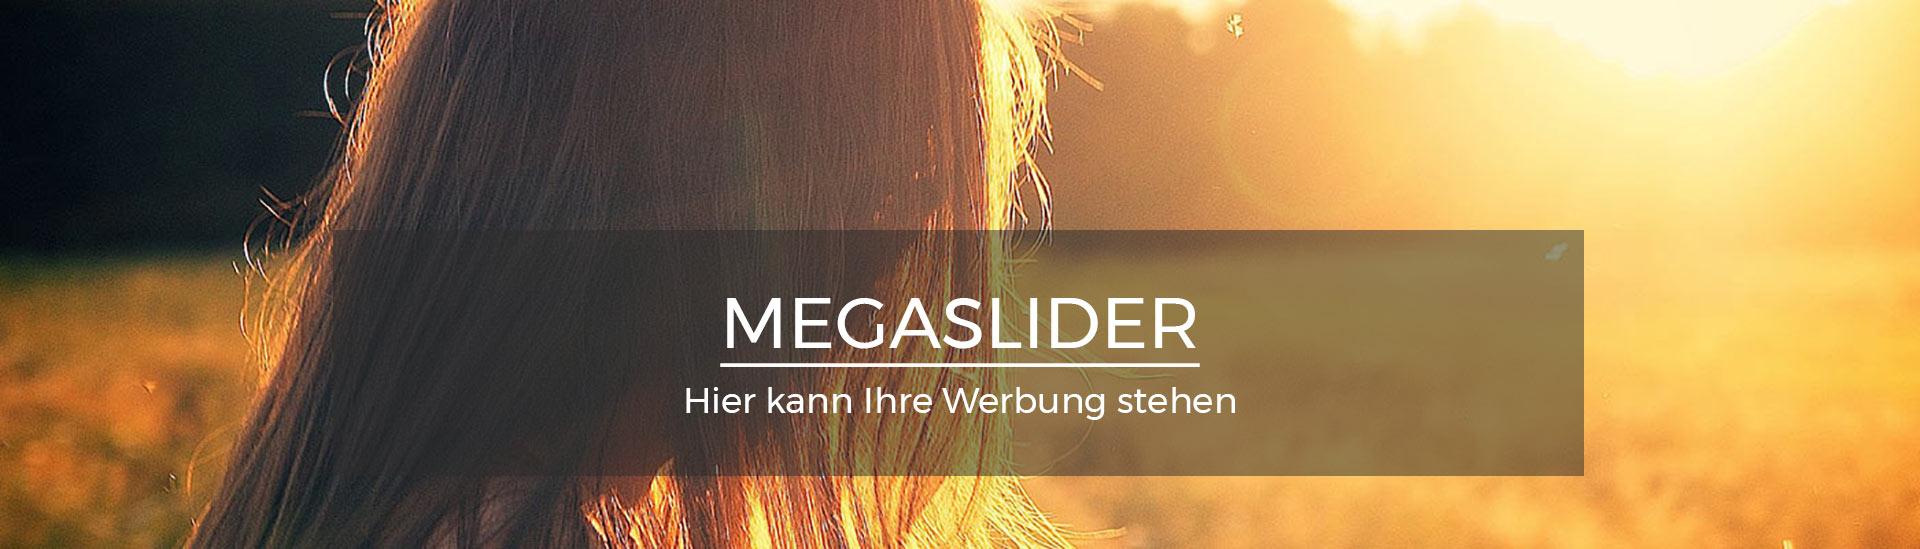 MEGASLIDER